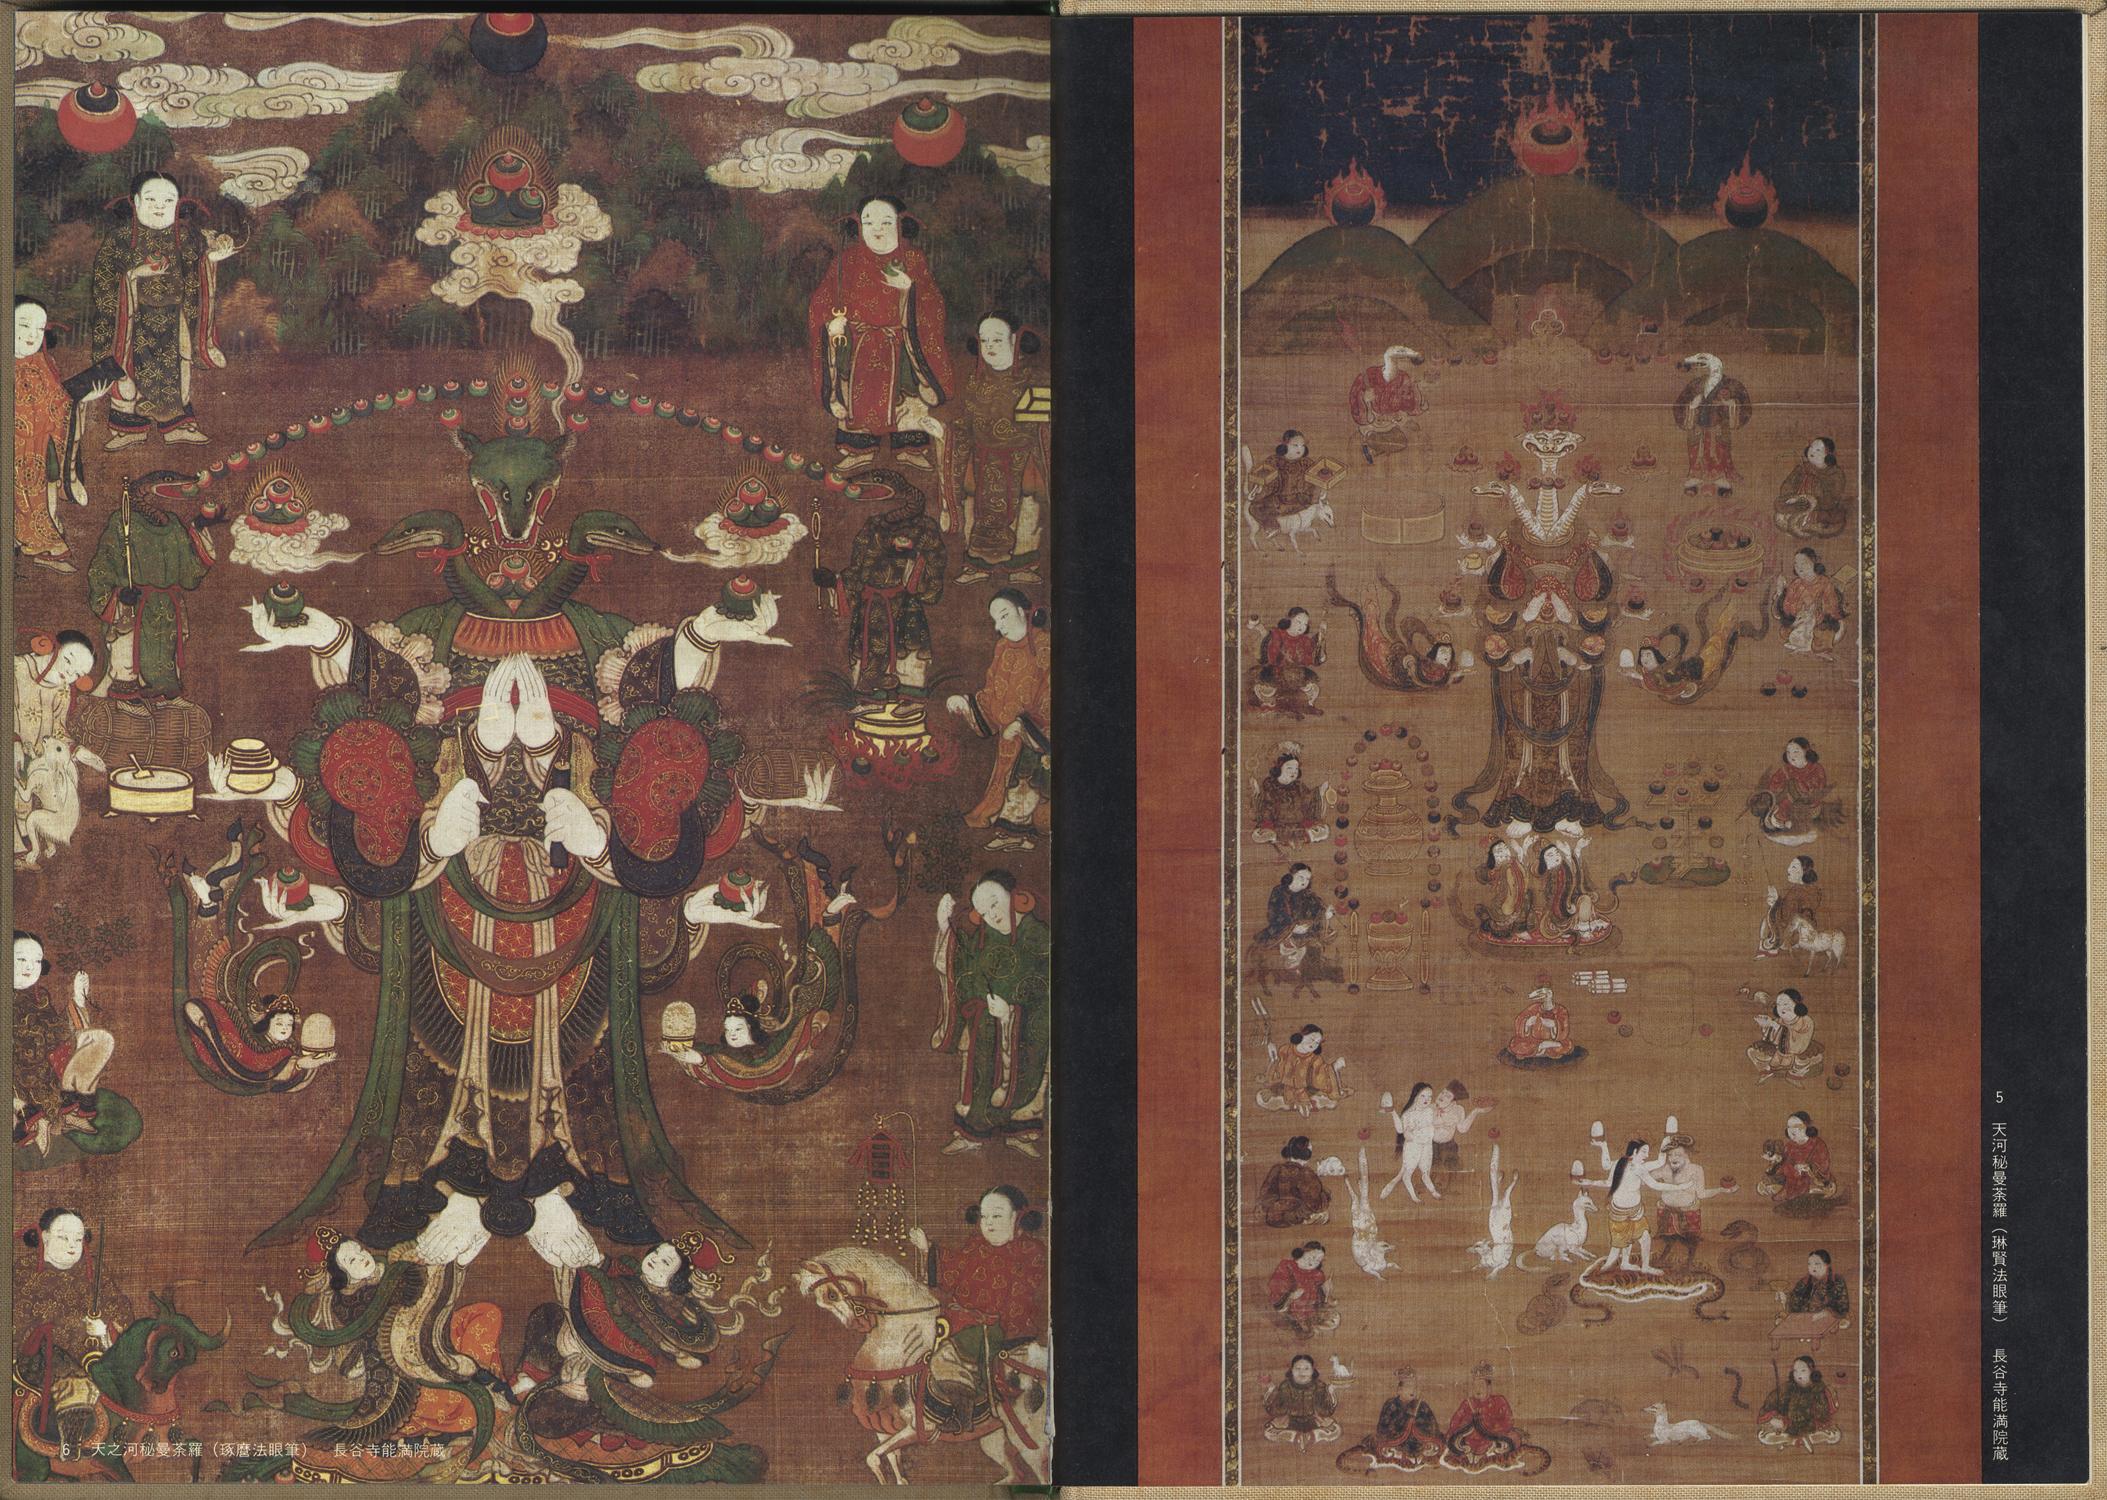 天川 信仰と芸能の里[image3]